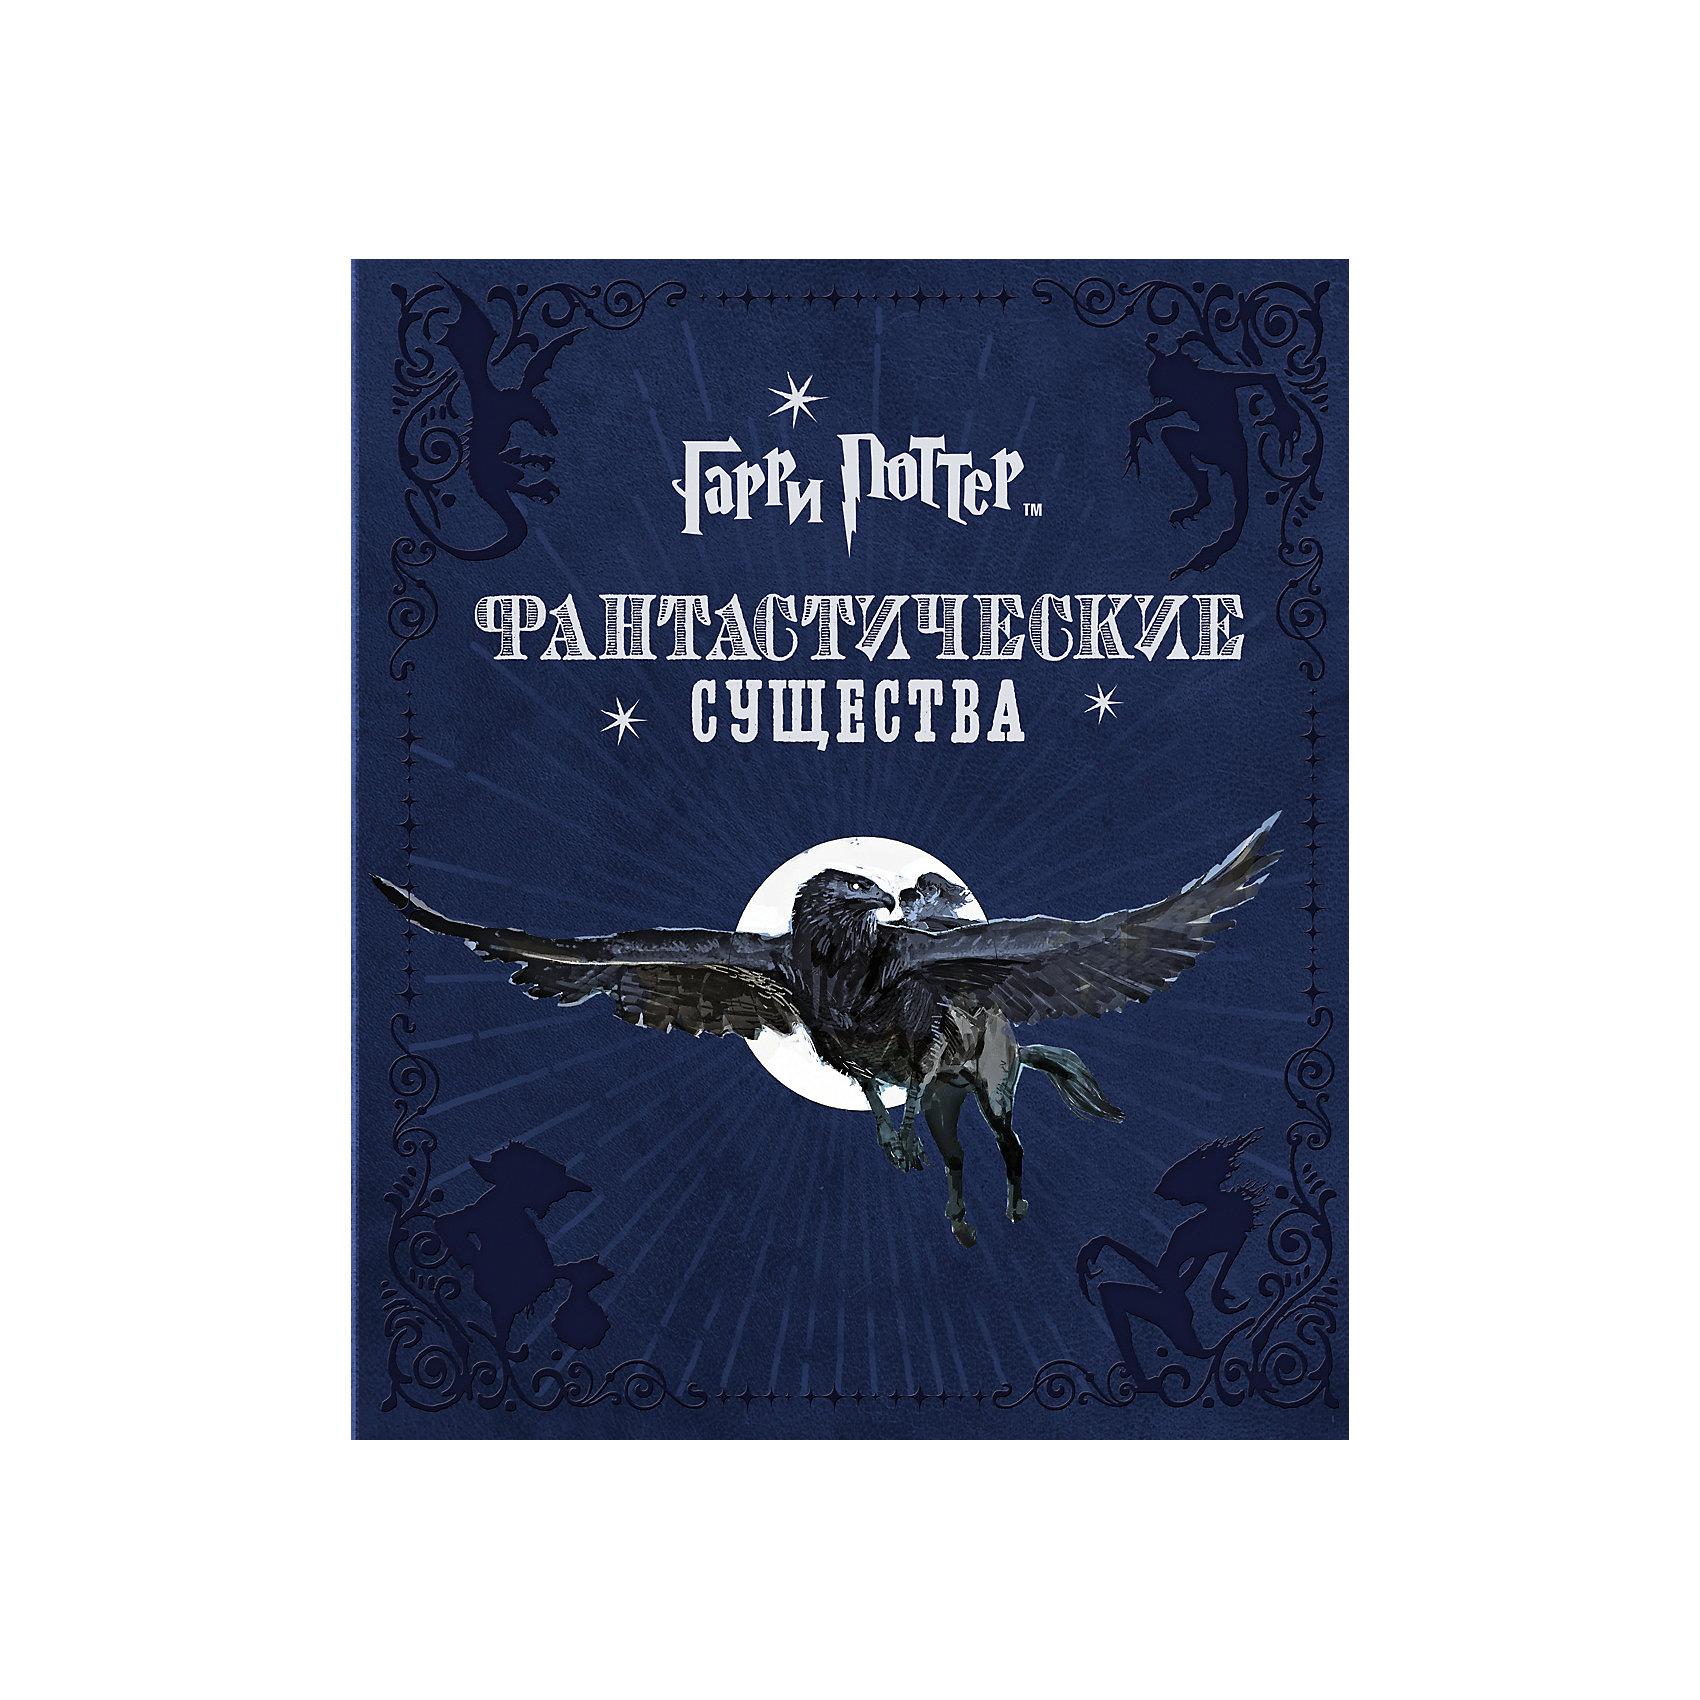 Гарри Поттер. Фантастические существаРассказы и повести<br>Harry Potter: Fantastic creatures (Гарри Поттер. Фантастические существа)<br><br>Характеристики:<br><br>• Автор: Джоди Ревенсон<br>• Формат: 235x290<br>• Переплет: твердый переплет<br>• Год выпуска: 2016<br>• Количество страниц: 208<br>• ISBN: 978-5-353-07345-1, 978-0-06-237423-3<br>• Цветные иллюстрации: да<br>• Вес в упаковке: 1320 г<br><br>В этой книге - уникальные факты из истории съемок киноэпопеи о Гарри Поттере, а также эксклюзивные иллюстрации. Это  эскизы художников, работавших над созданием фантастических существ в фильмах о Гарри Поттере, уникальные фотографии из архива кинокомпании Warner Bros., любопытные секреты киноиндустрии, а еще - приятный сюрприз: настоящий каталог торгового центра «Совы» и постер со всеми фантастическими существами!<br><br>Книгу «Гарри Поттер. Фантастические существа» можно купить в нашем интернет-магазине.<br><br>Ширина мм: 285<br>Глубина мм: 240<br>Высота мм: 20<br>Вес г: 1389<br>Возраст от месяцев: 144<br>Возраст до месяцев: 2147483647<br>Пол: Унисекс<br>Возраст: Детский<br>SKU: 5109944